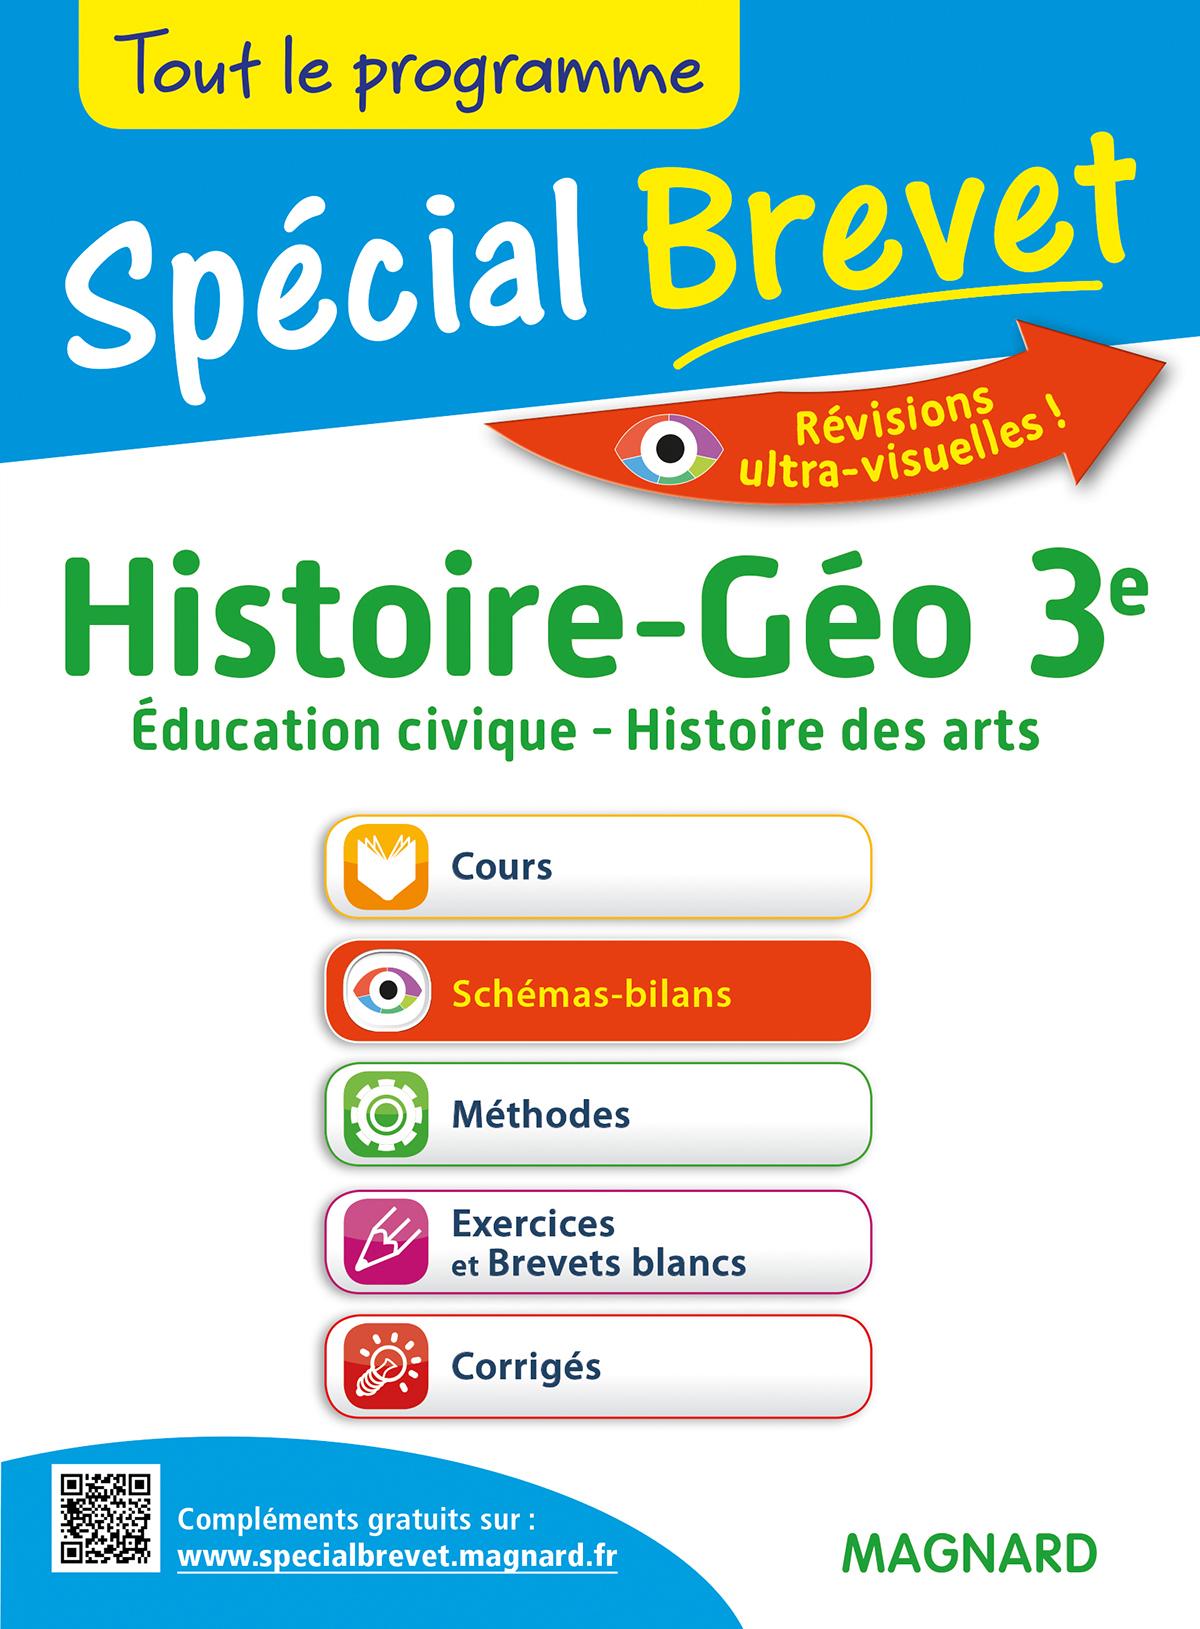 SPECIAL BREVET HISTOIRE GEOGRAPHIE EDUCATION CIVIQUE 3E HISTOIRE DES ARTS